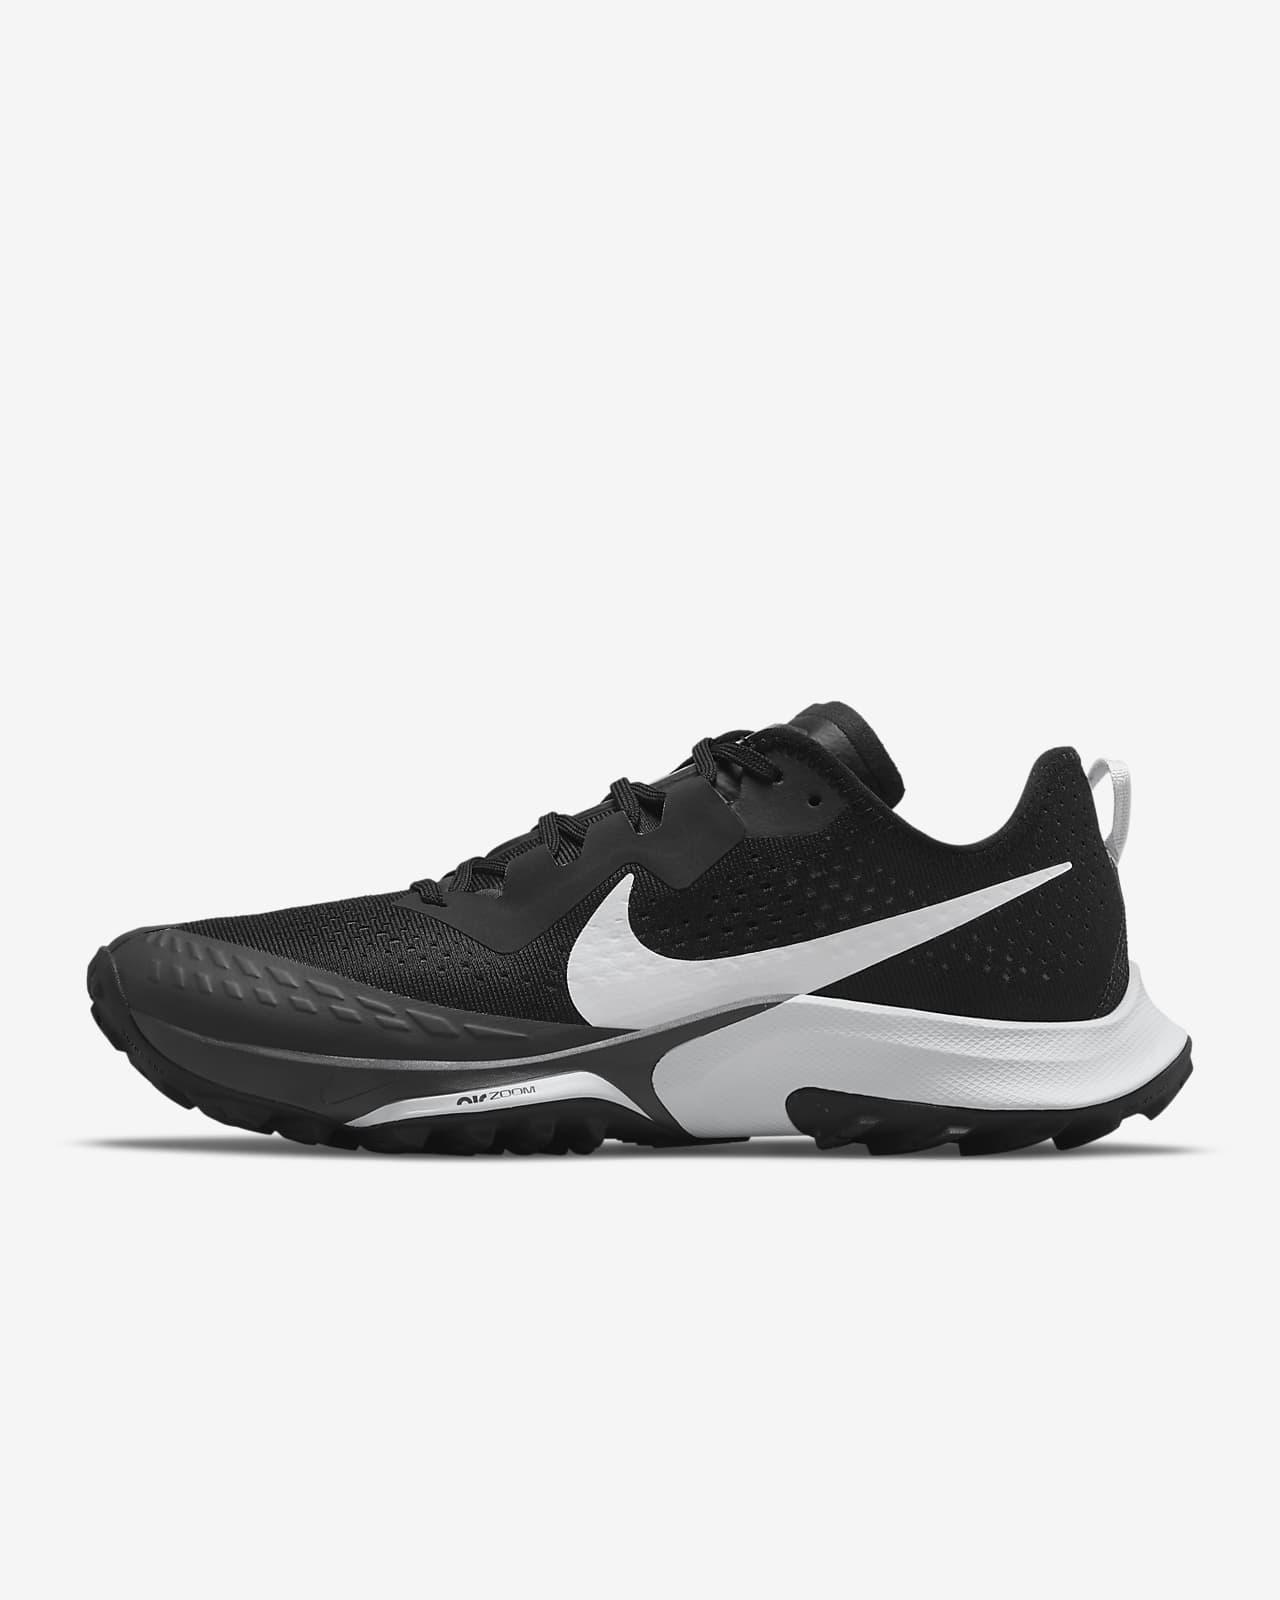 Ανδρικό παπούτσι για τρέξιμο σε ανώμαλο δρόμο Nike Air Zoom Terra Kiger 7